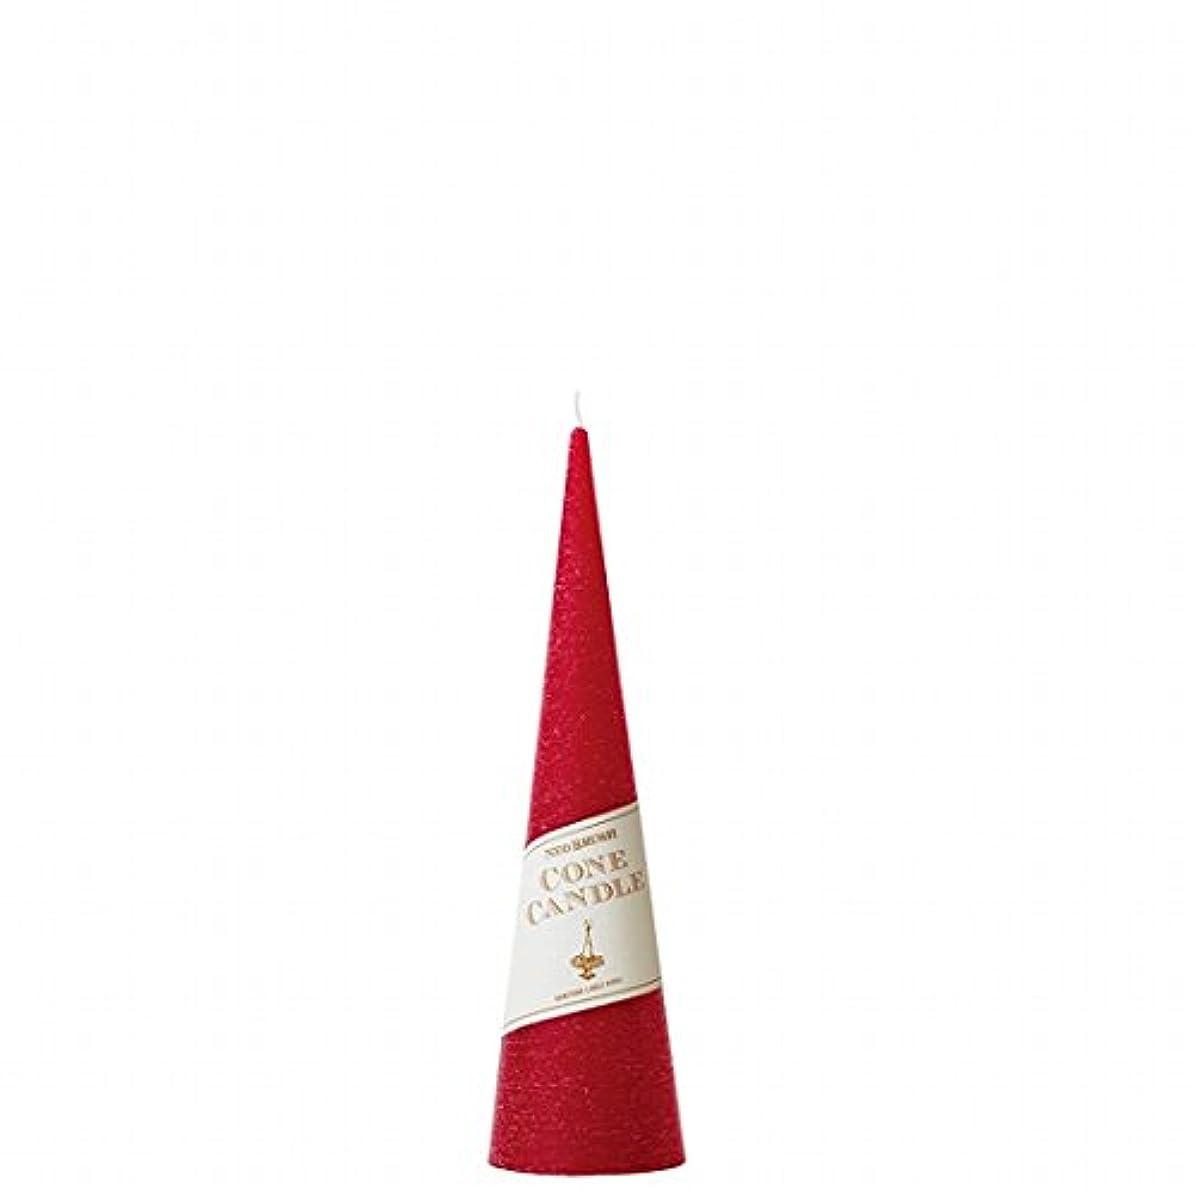 移植政治的ちっちゃいkameyama candle(カメヤマキャンドル) ネオブラッシュコーン 180 キャンドル 「 レッド 」(A9750010R)